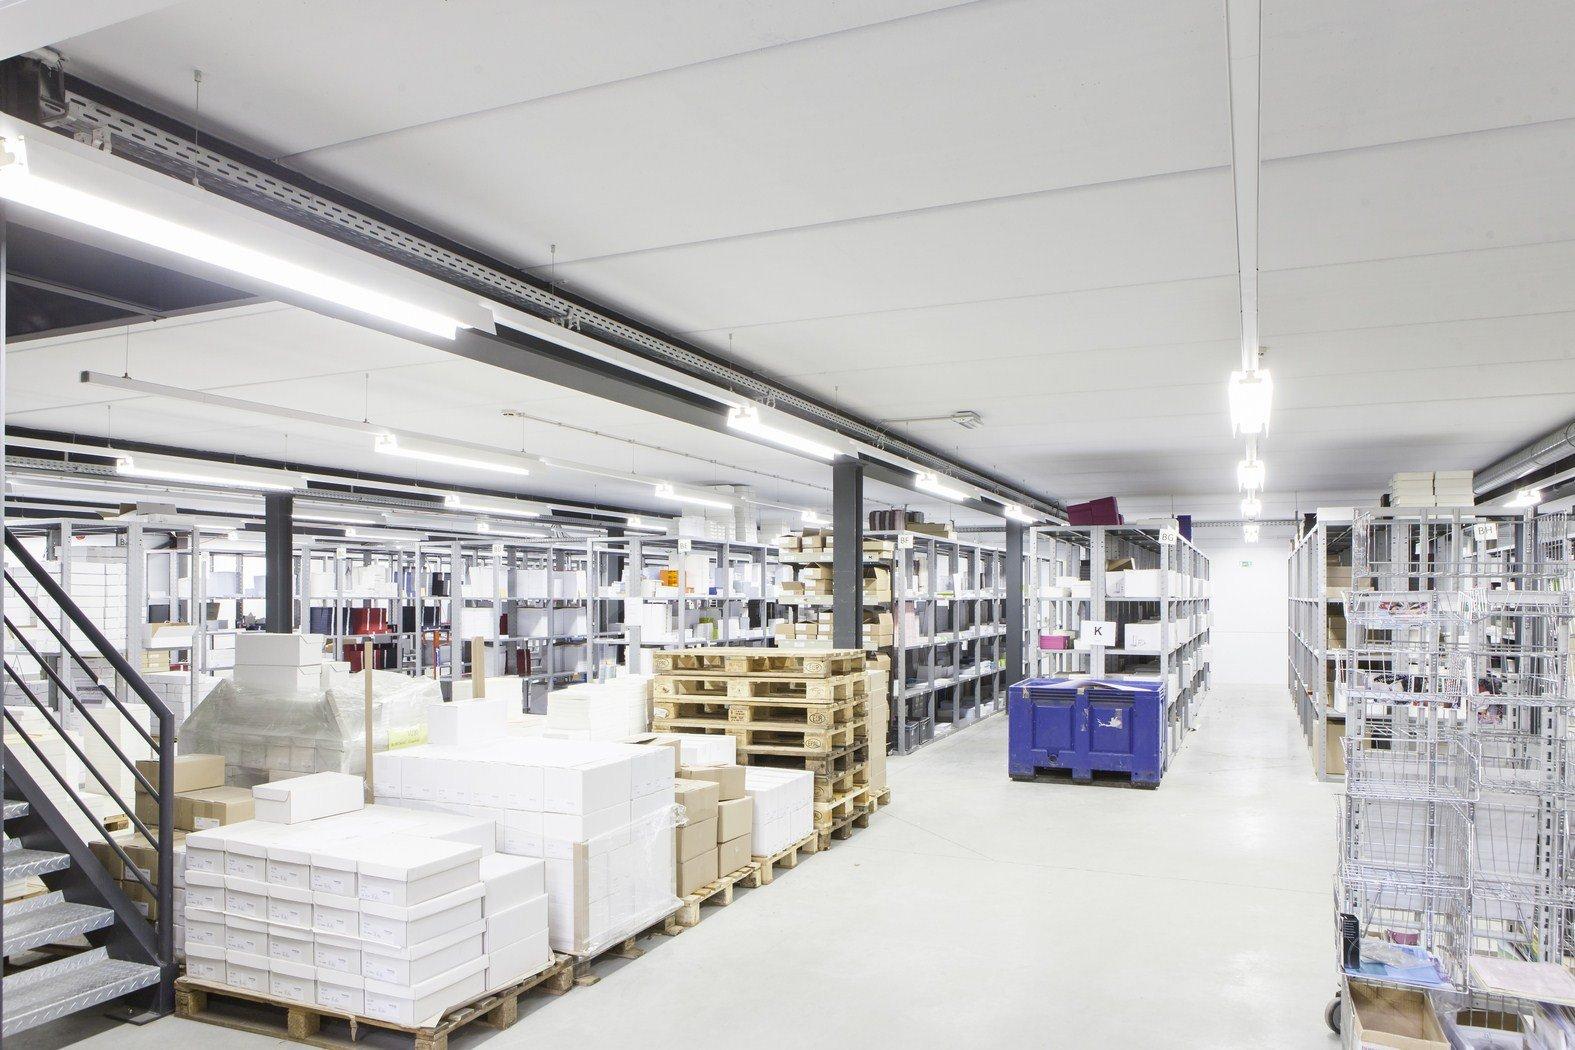 Drukkerij Buromac_Brugge_kantoren_productieruimte_stockageruimte (6).jpg